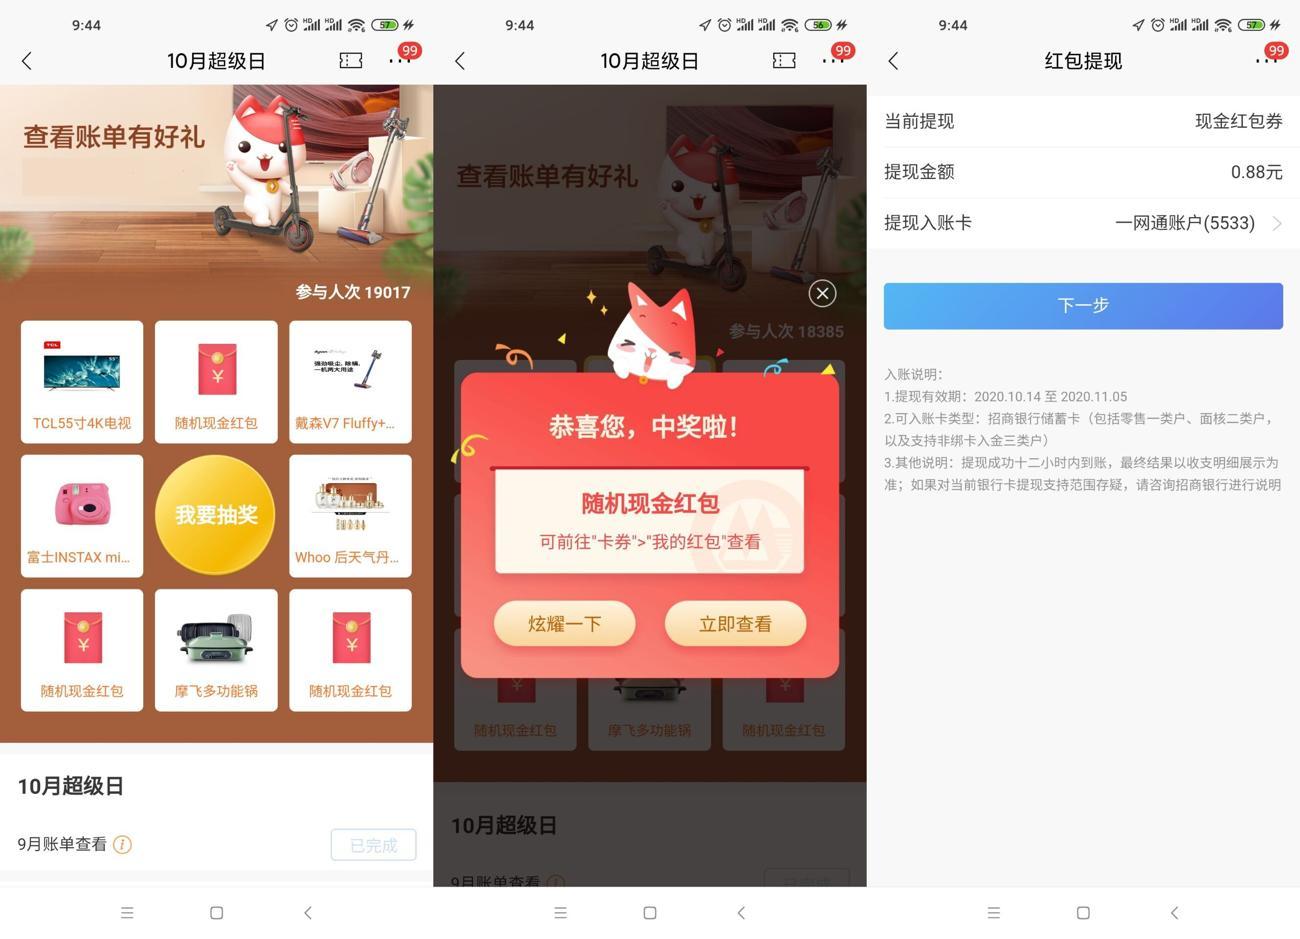 招行老用户10月超级日领红包插图(1)